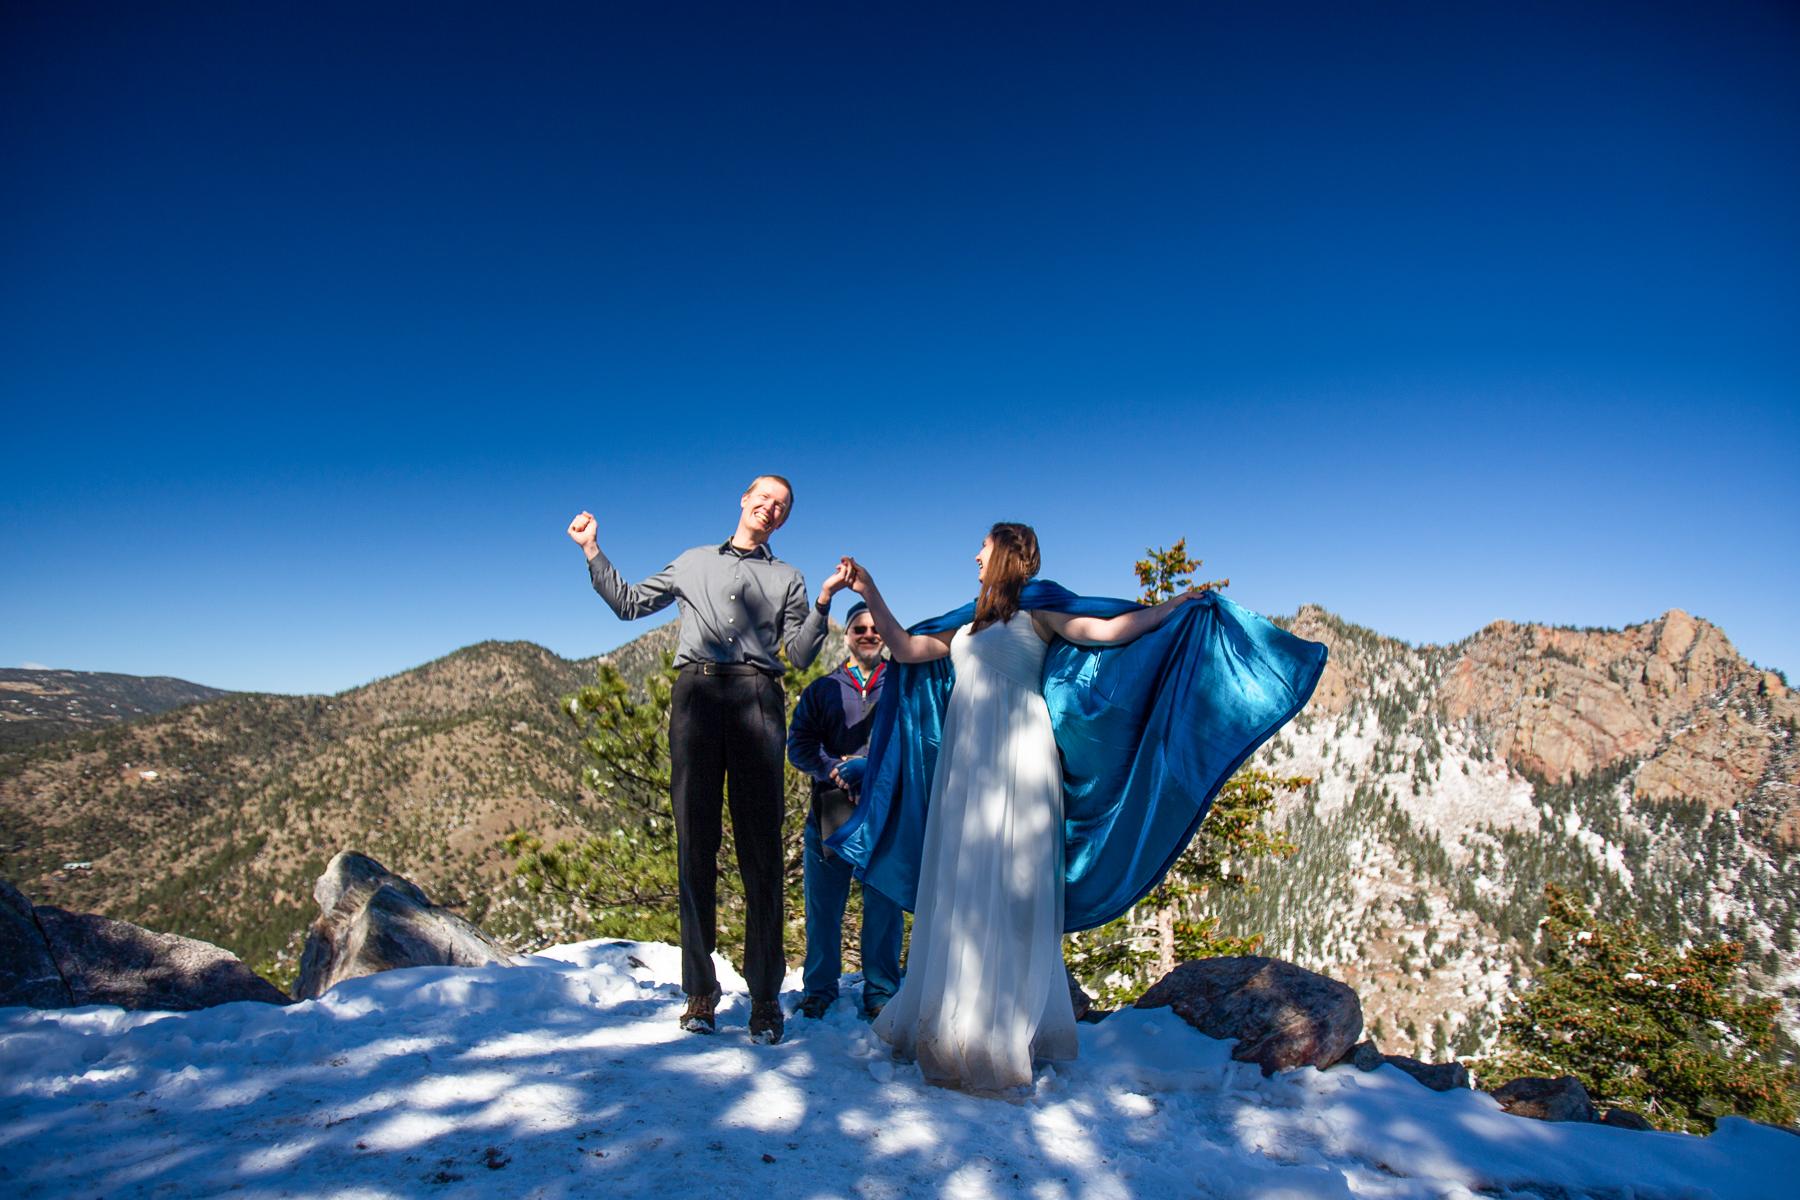 Boulder, CO Fotografo di matrimoni Elopement all'aperto | gli sposi hanno annunciato ai loro amici e familiari a guardare